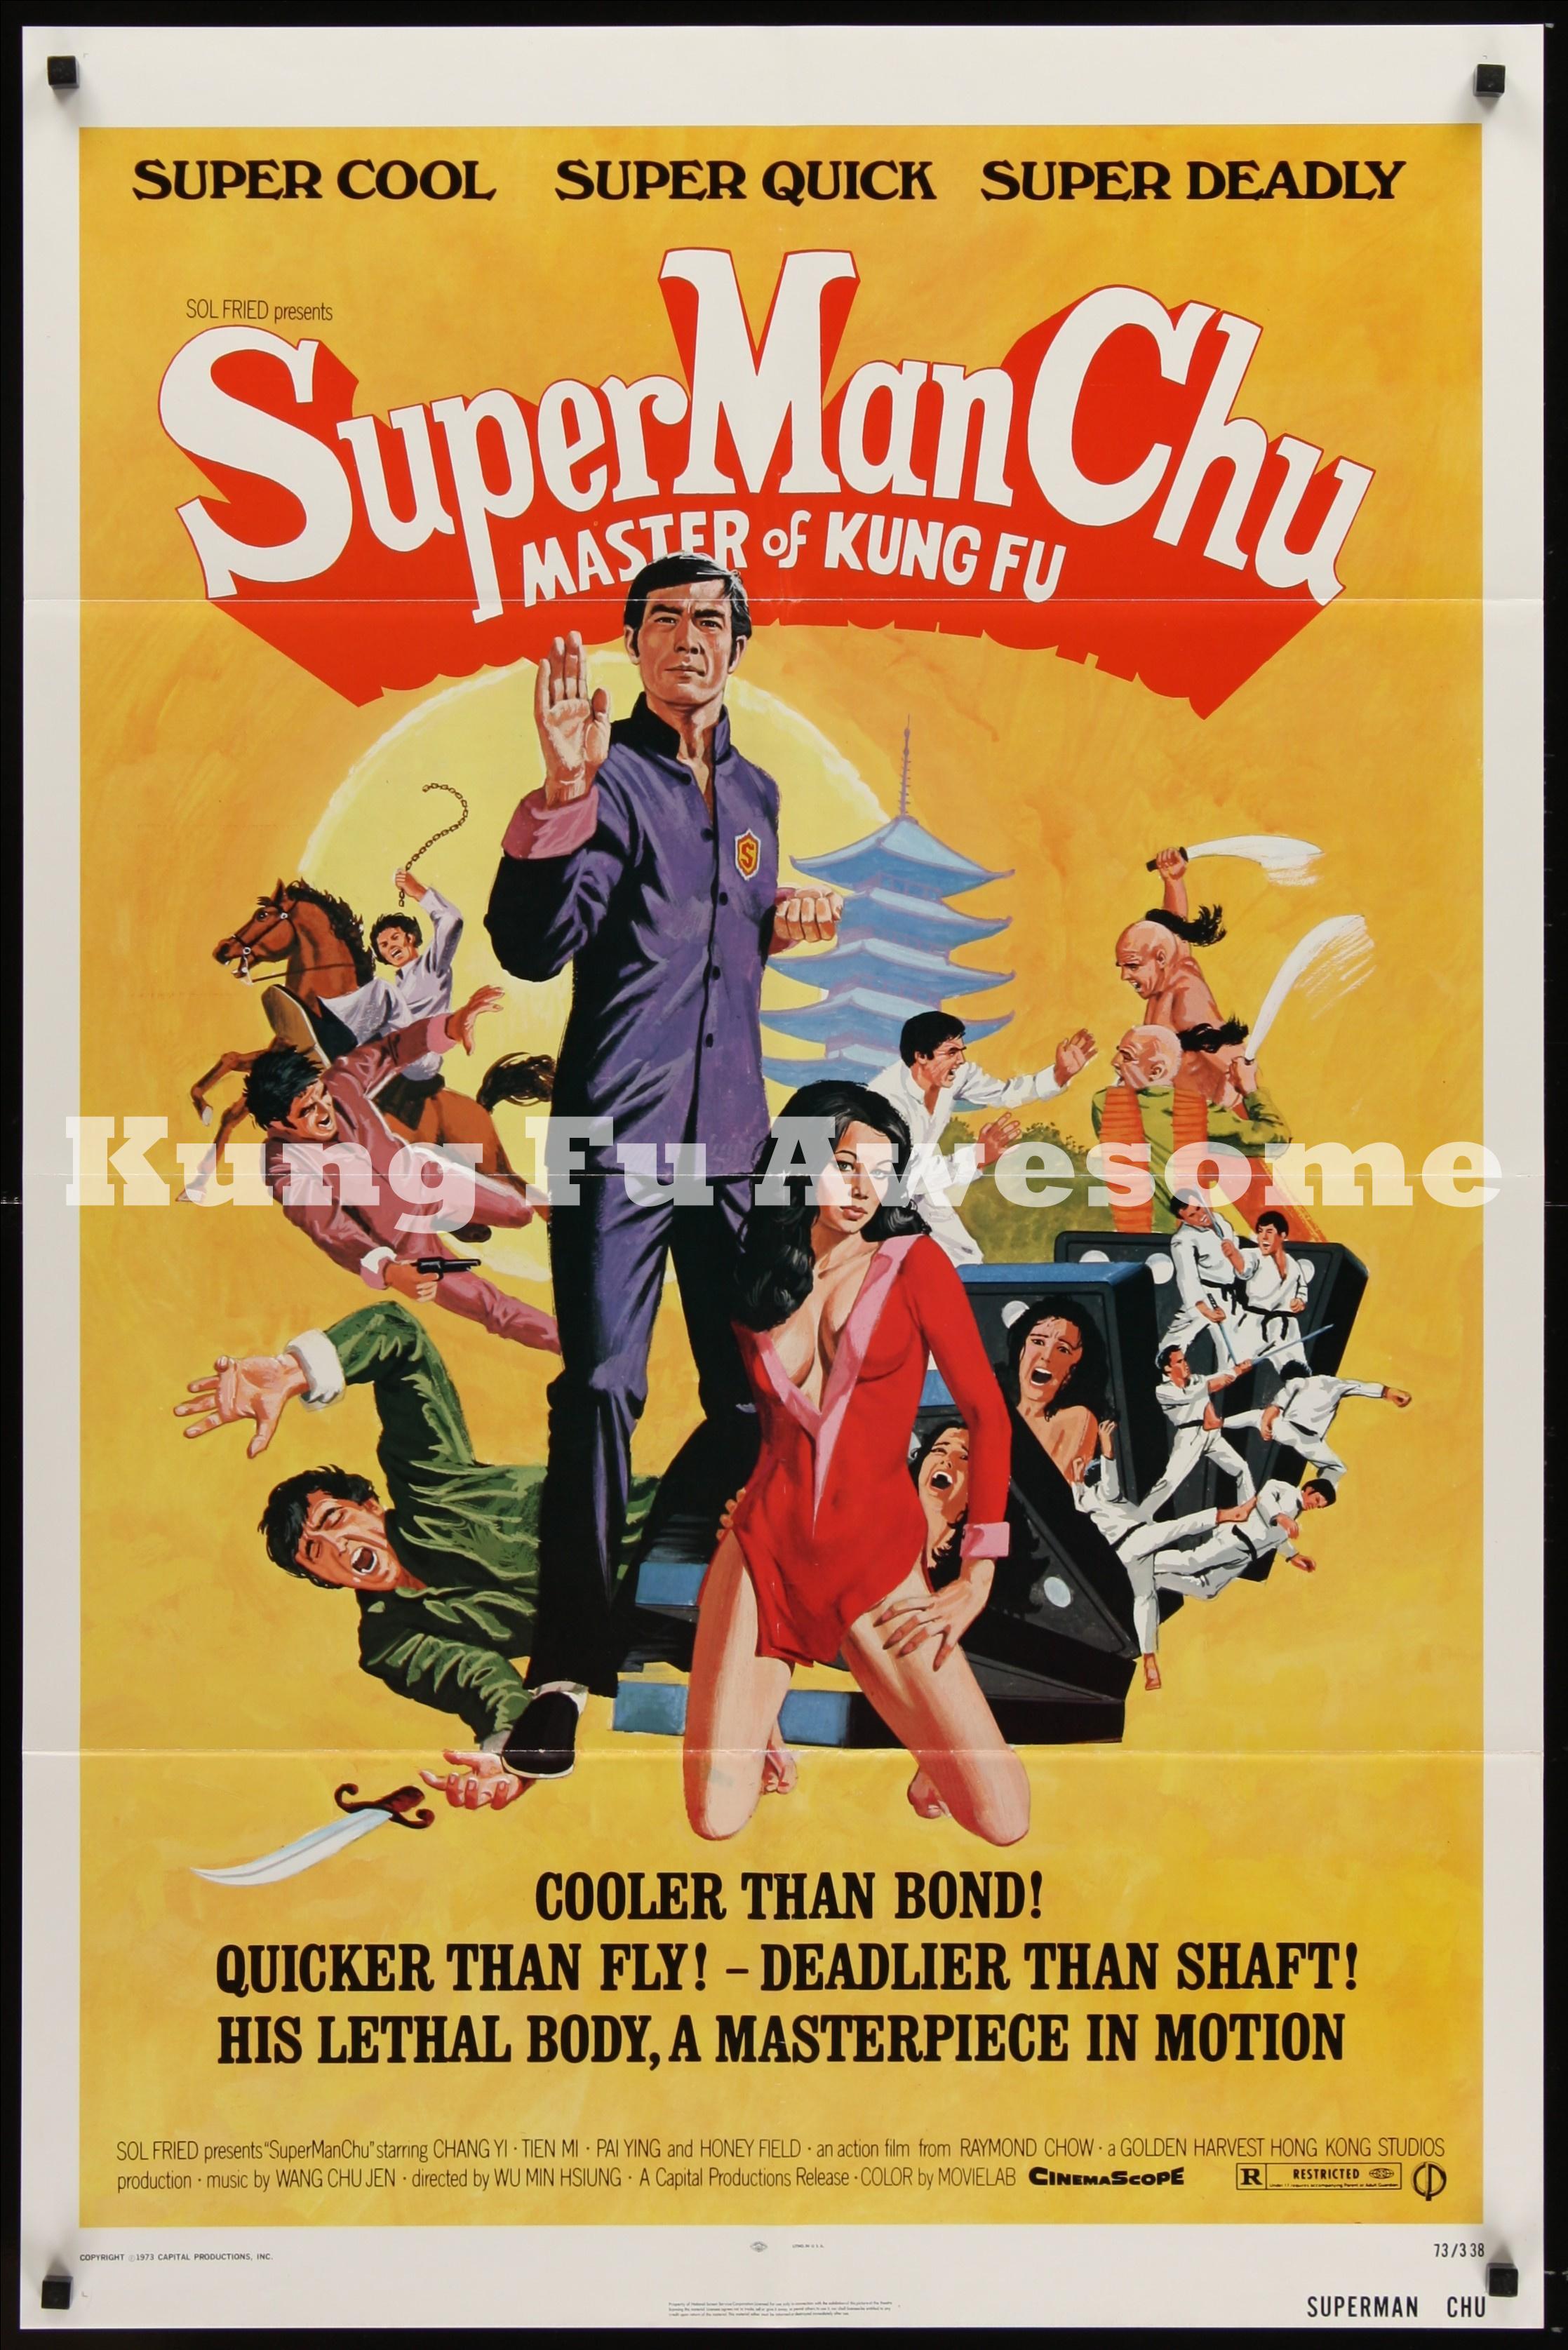 super_man_chu_NZ03864_L.jpg